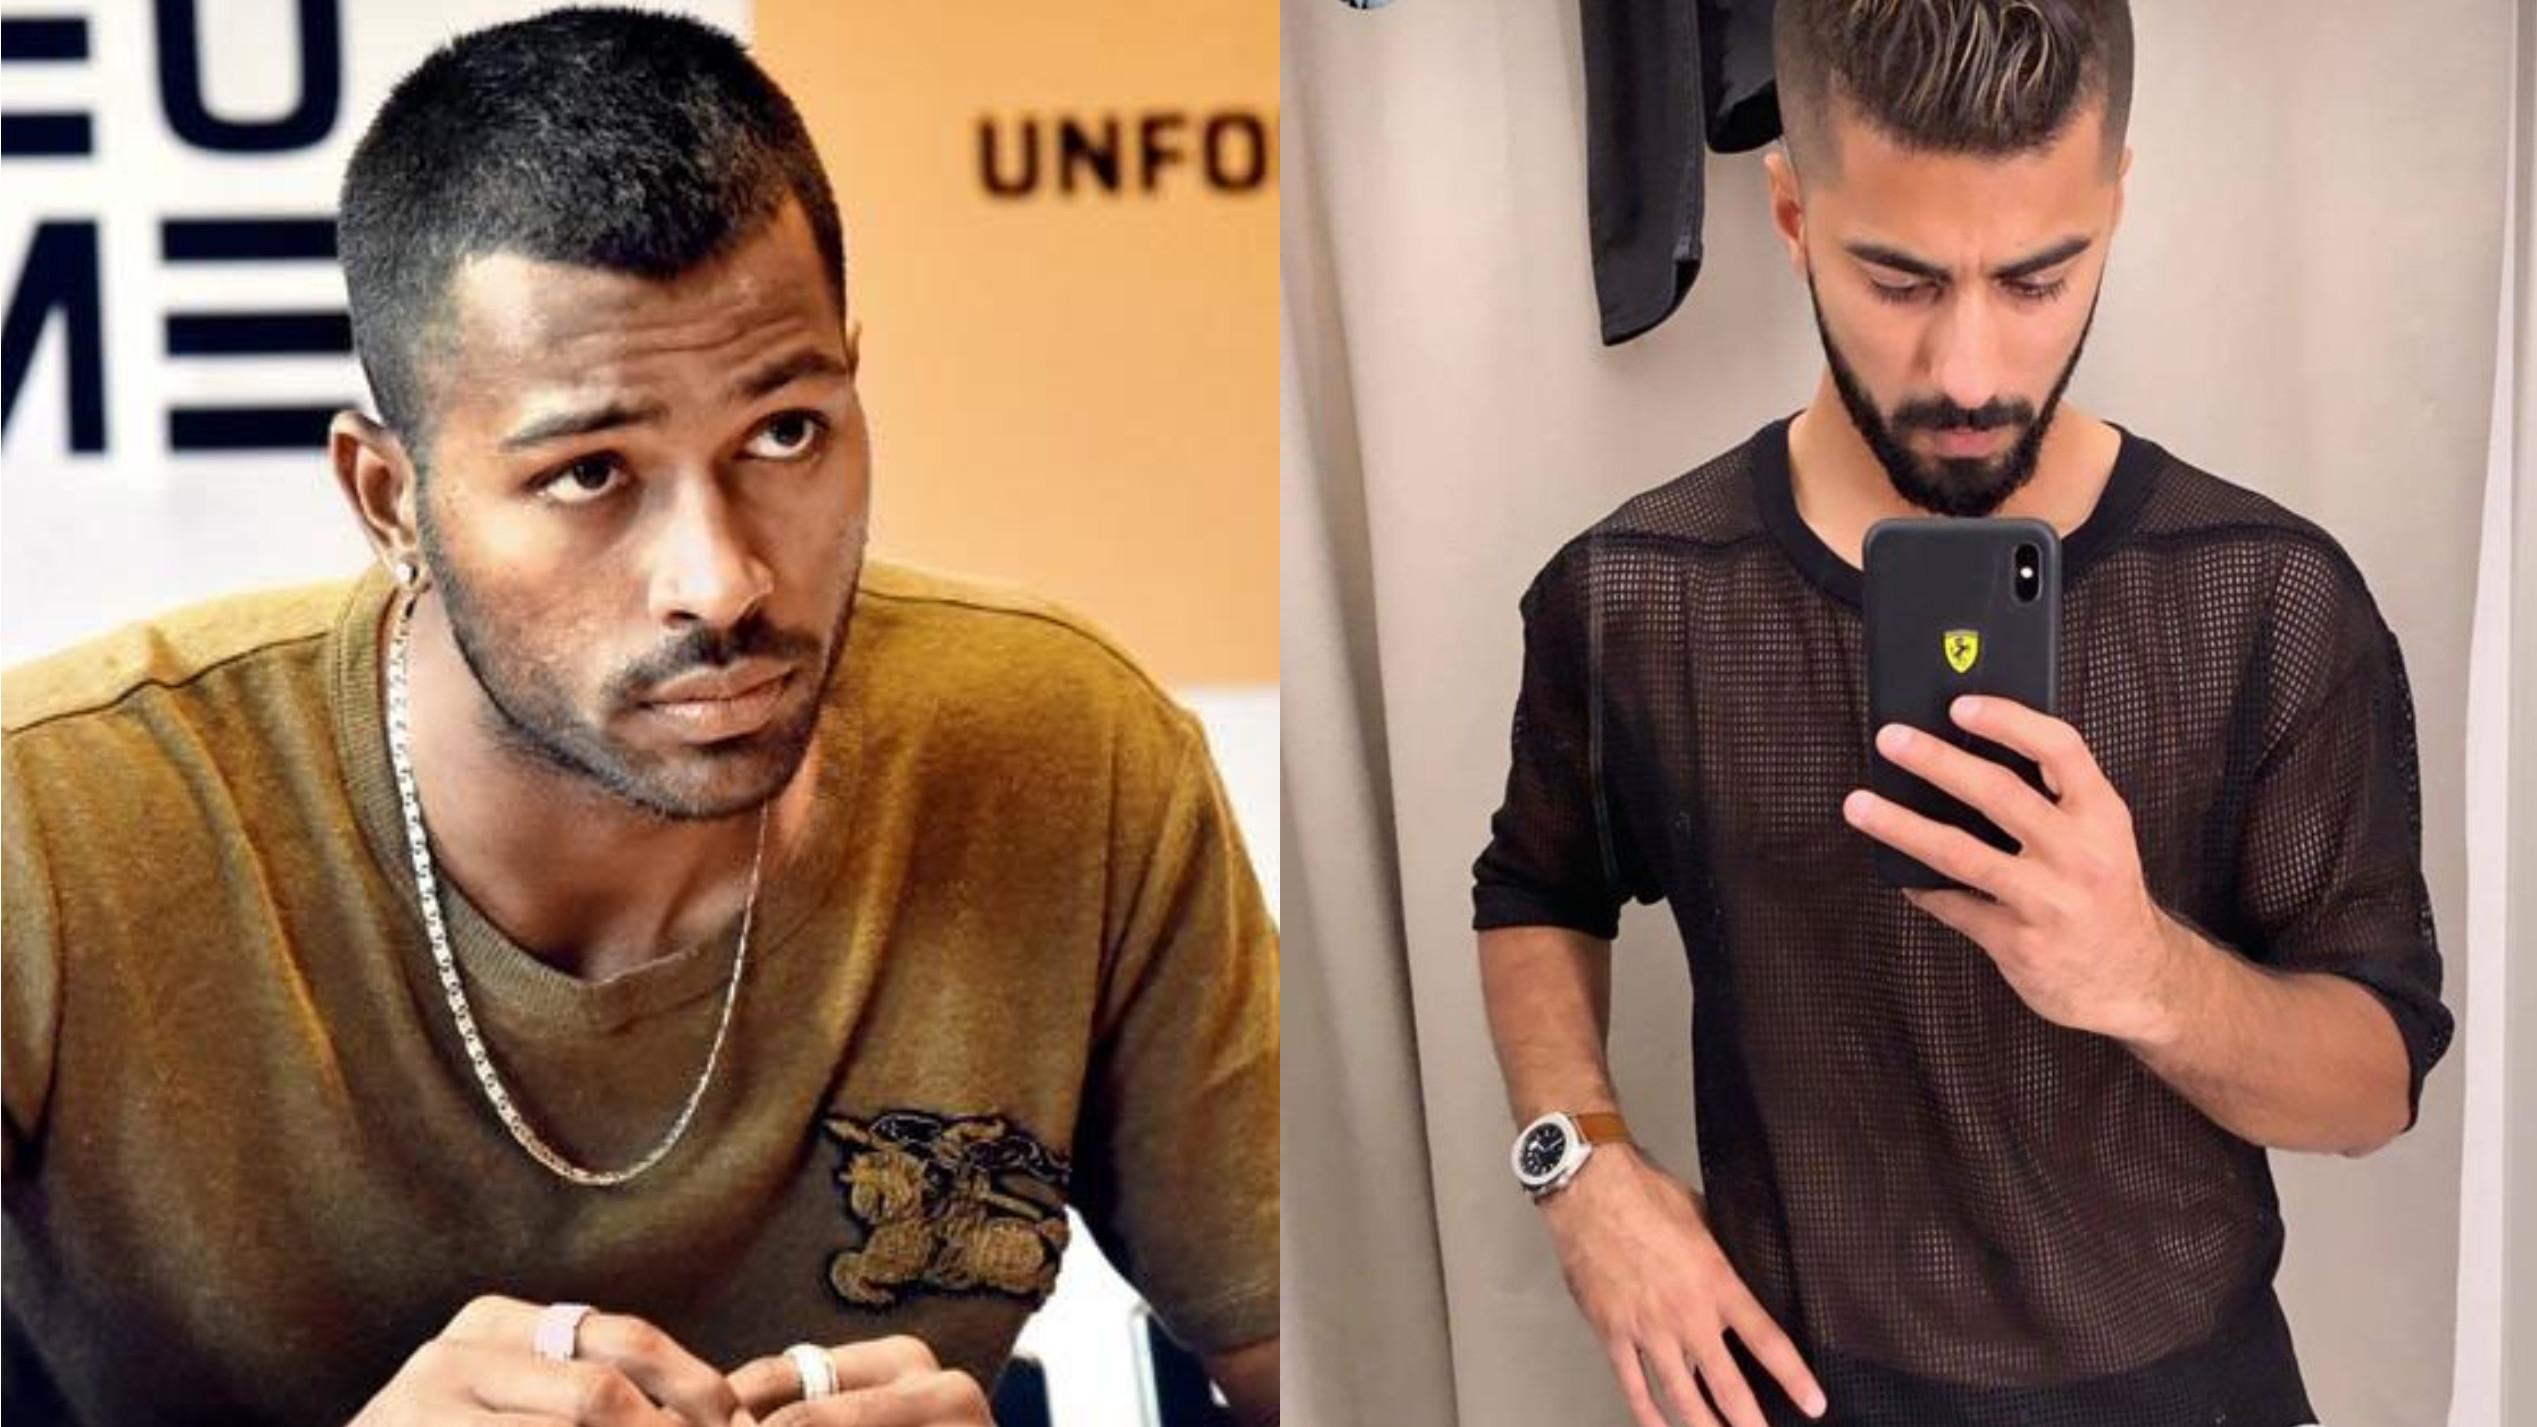 देखिये- अमेरिकी क्रिकेटर अली खान ने की हार्दिक पंड्या के पहनावे की नकल